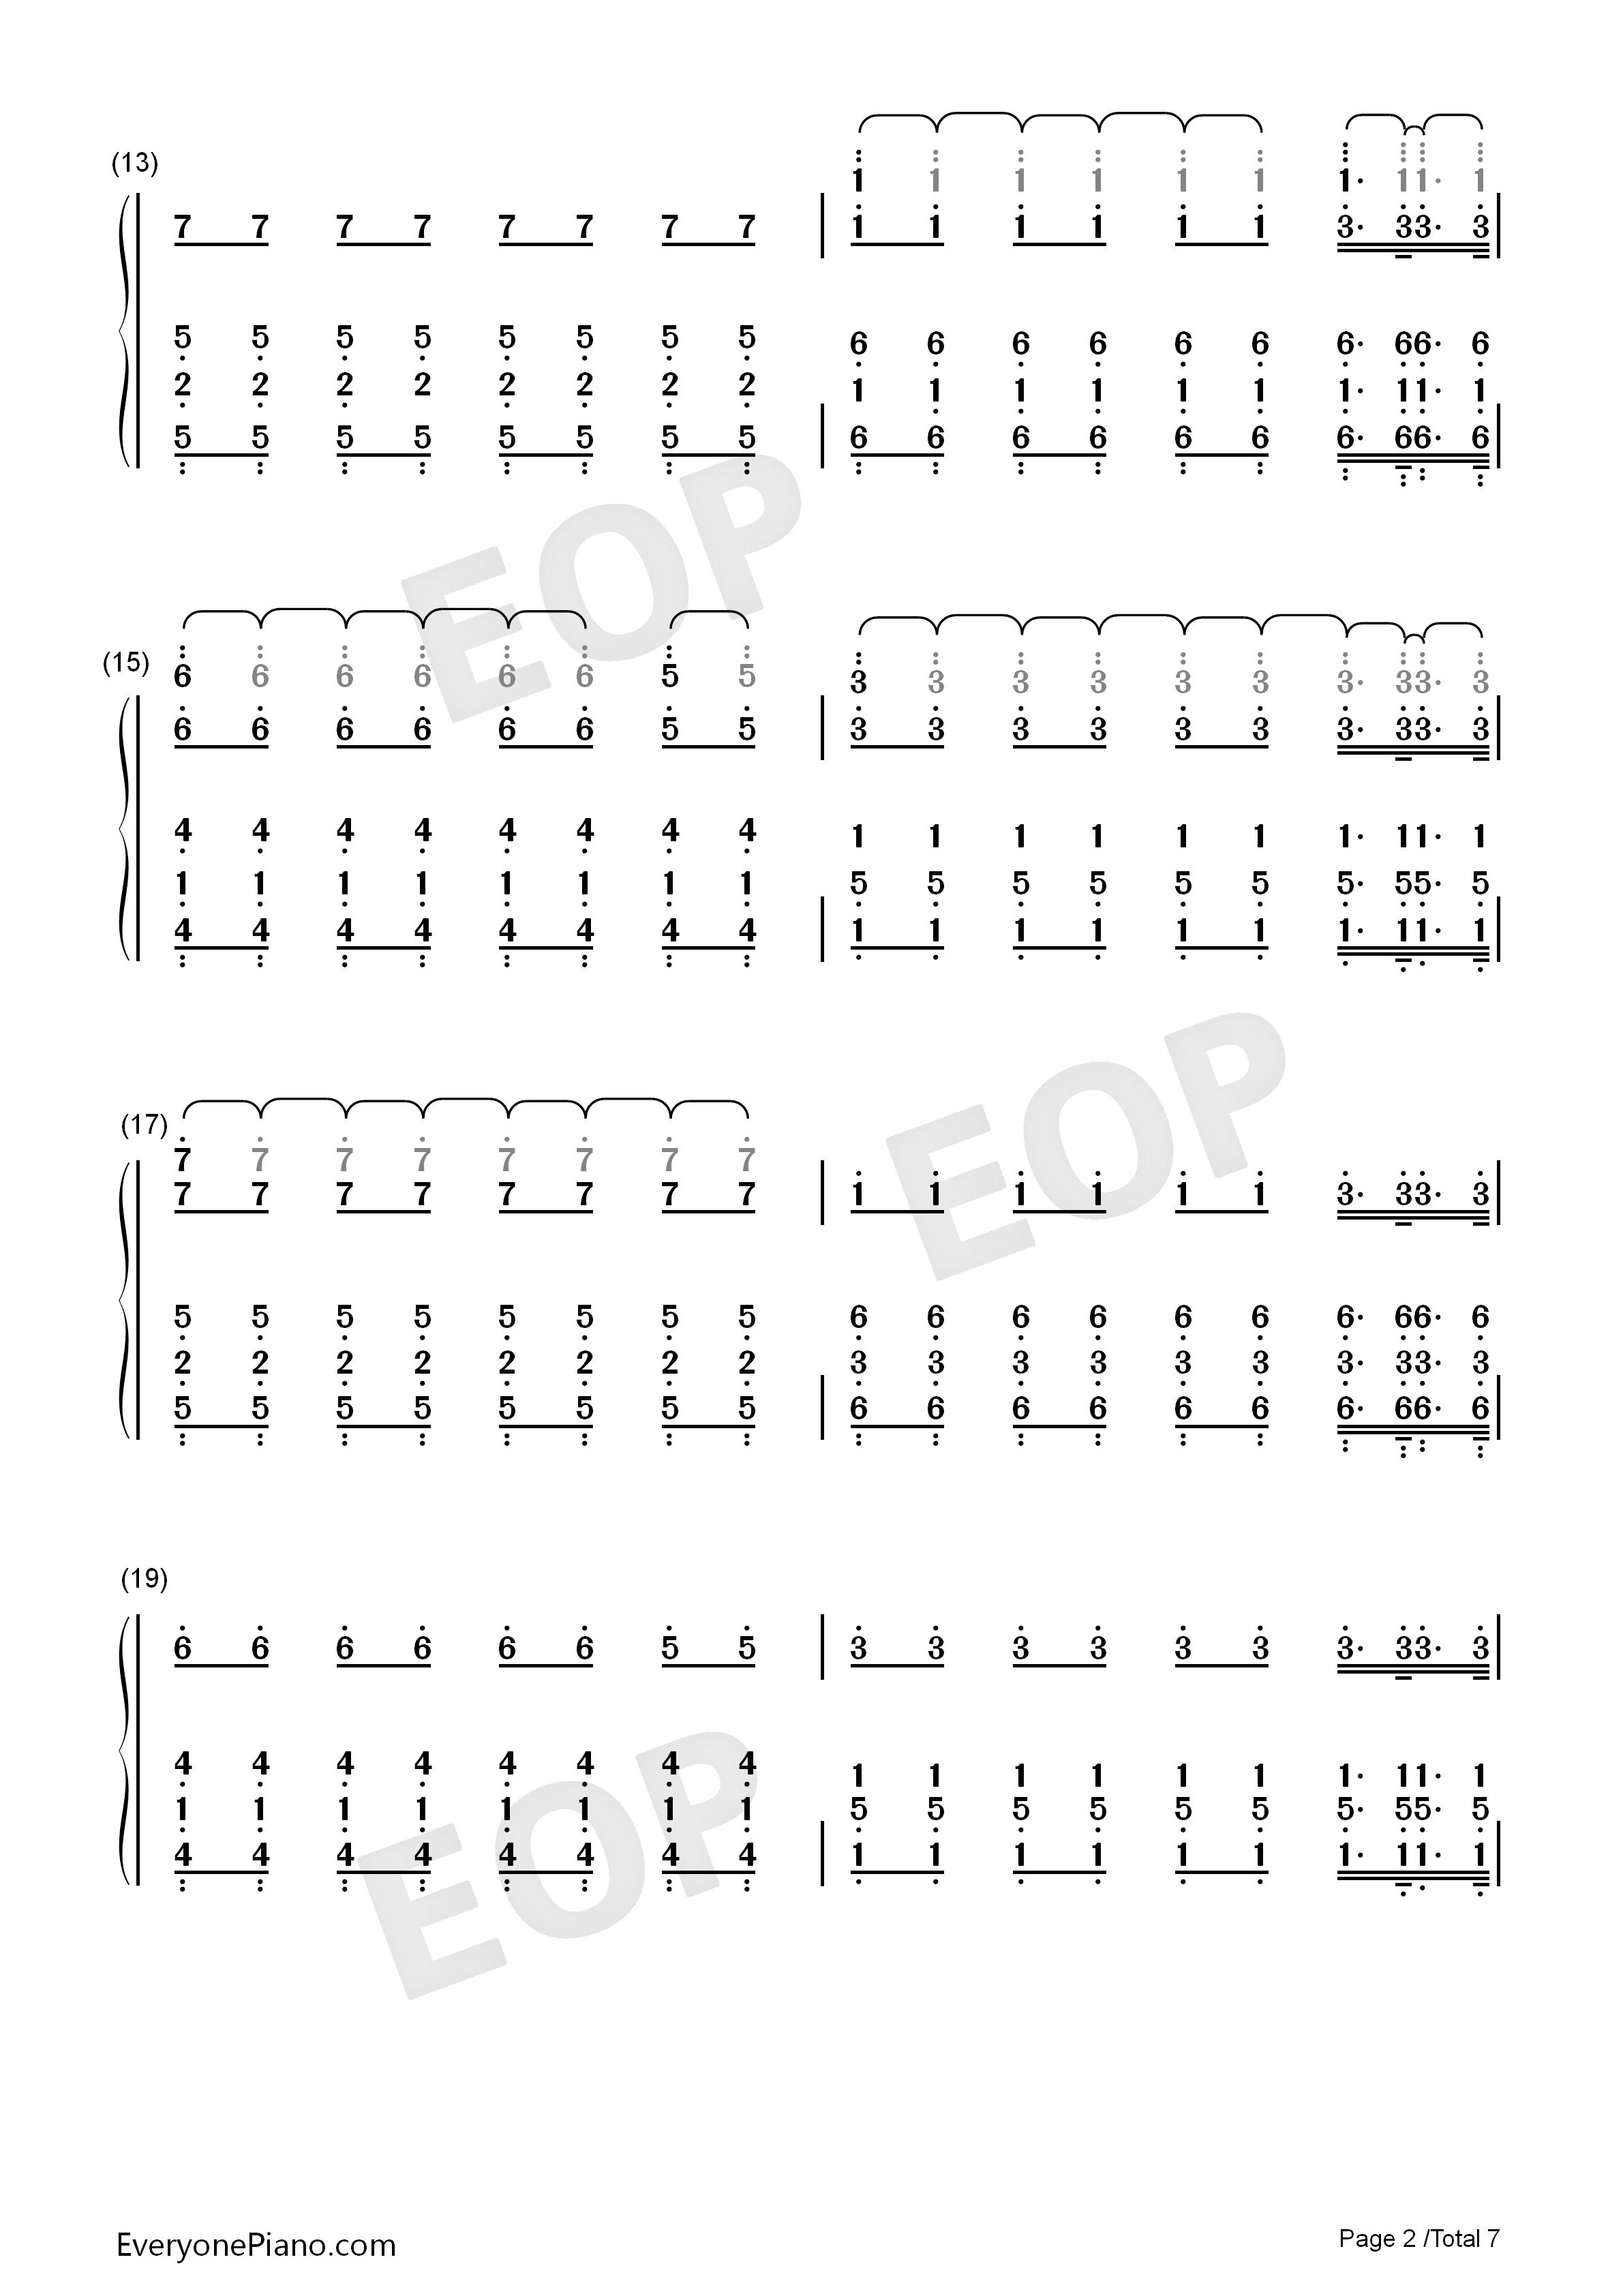 电鼓垫12数字曲谱fade